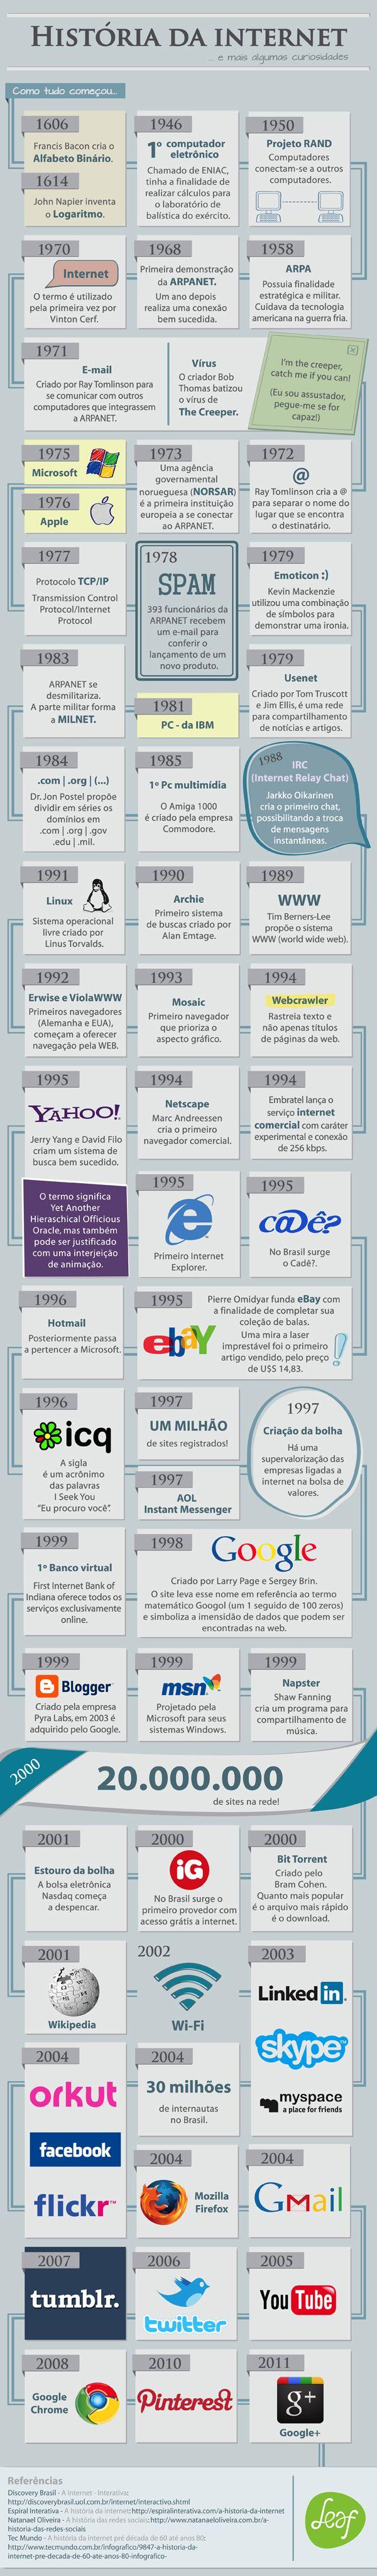 Infográfico conta a história da Internet - Assuntos Criativos                                                                                                                            Mais